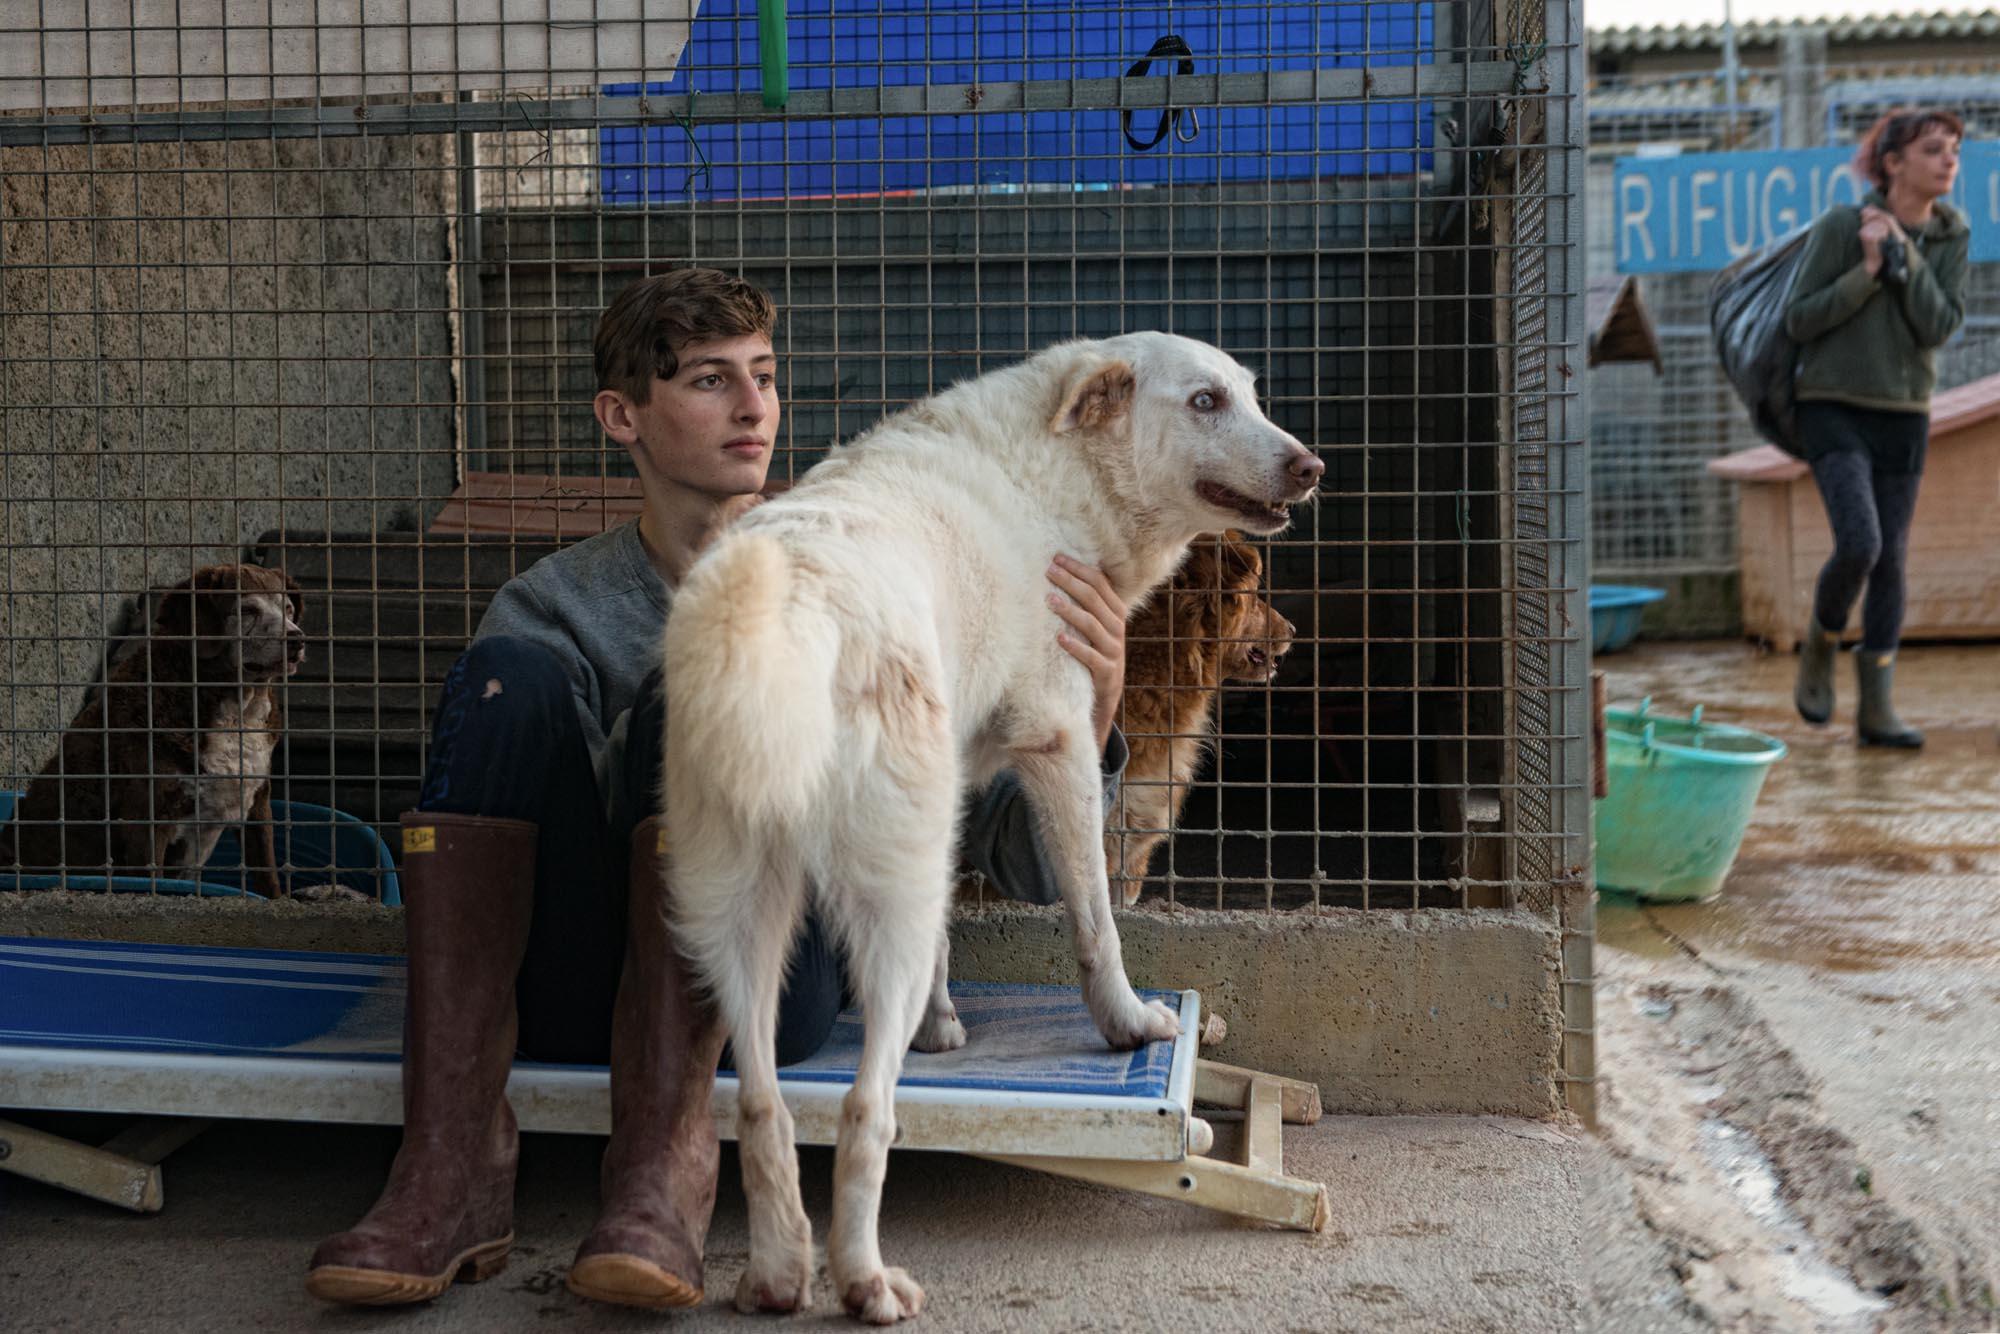 0043 Volontari in un rifugio per cani 1 - Canile, il rifugio